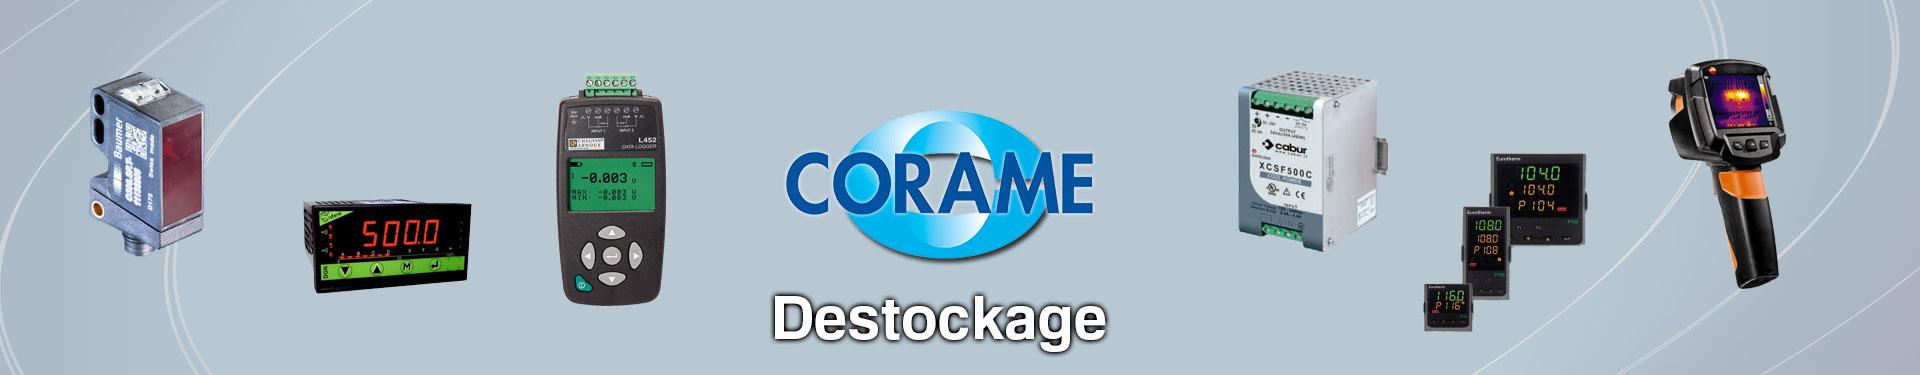 Produits Destockage sélectionnés par Corame